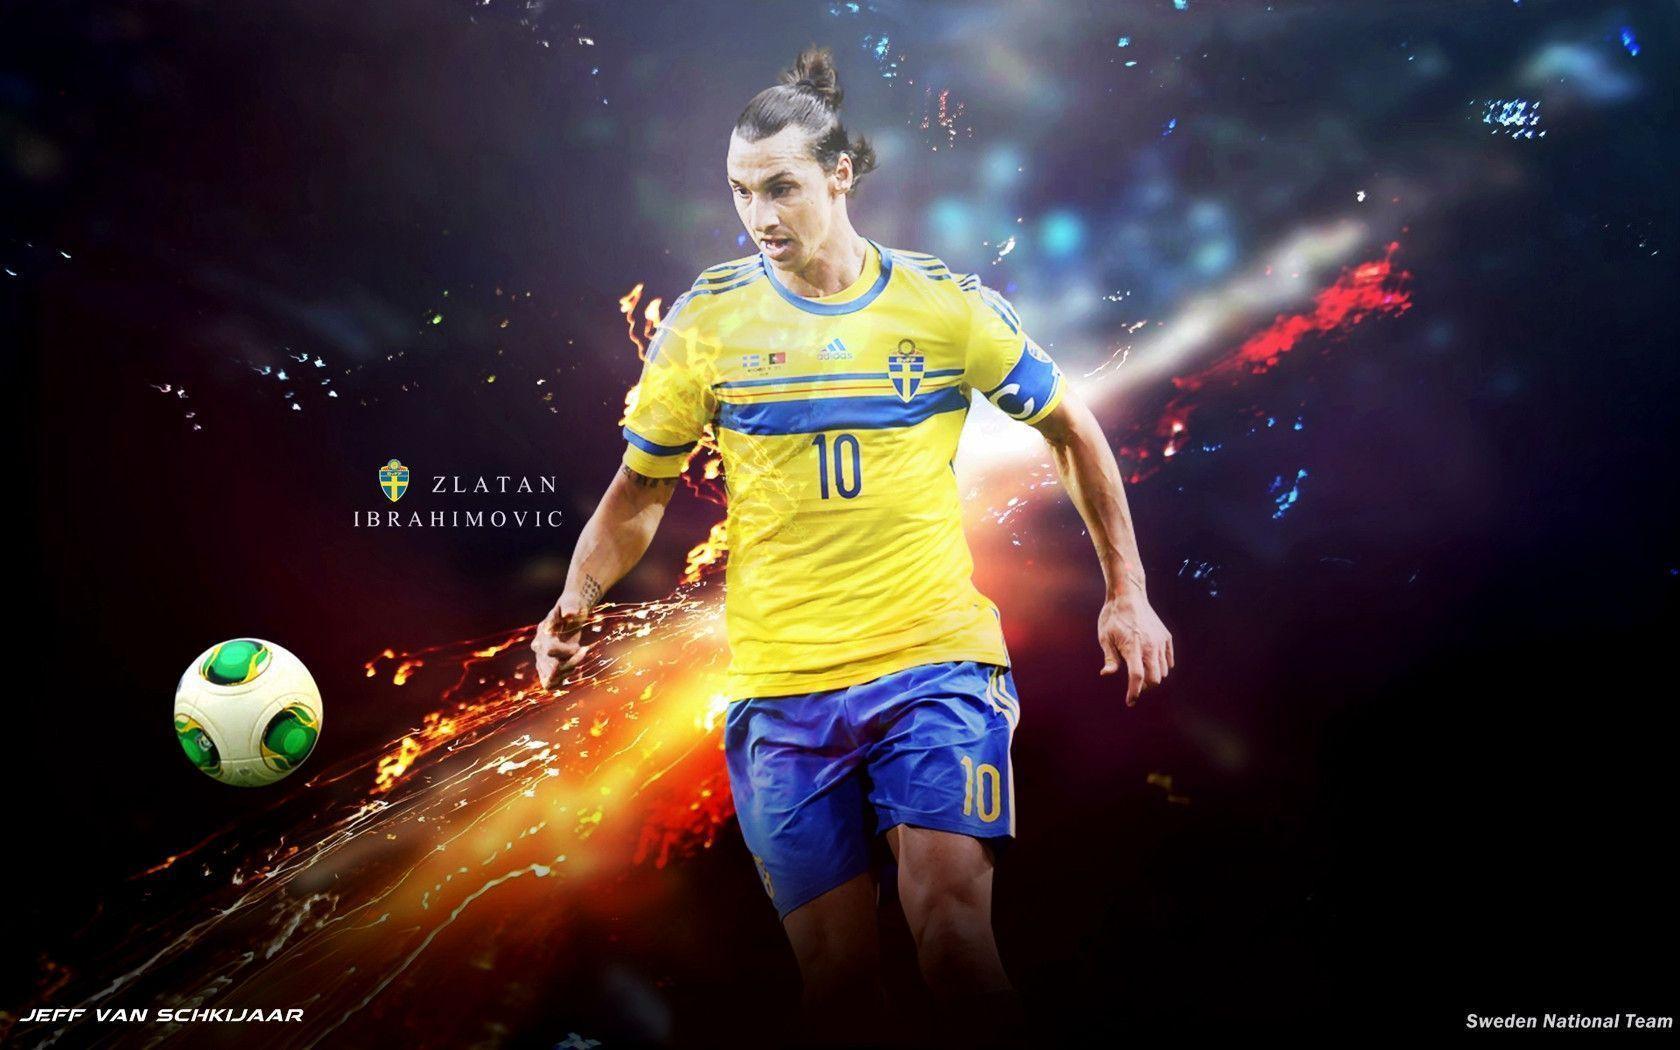 Zlatan Ibrahimovic Wallpaper 2014 Zlatan Ibrahimovic Wal...